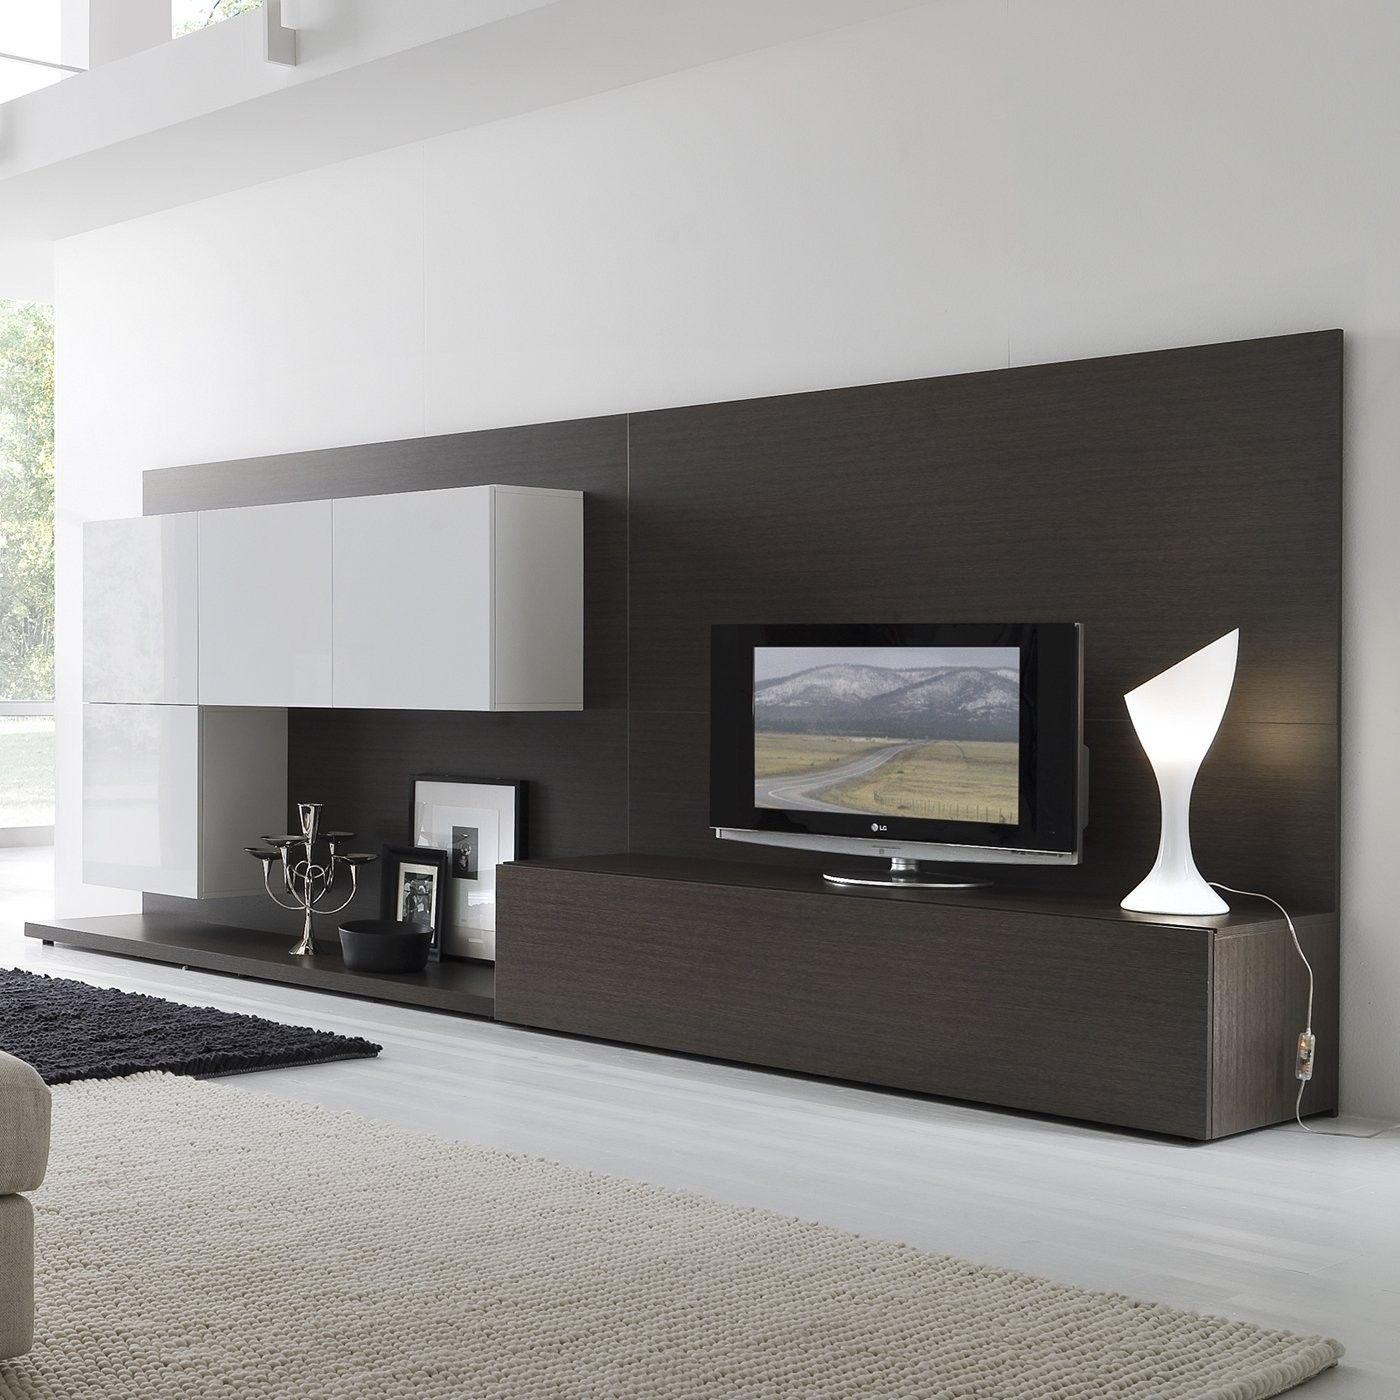 Contemporary Wall Unit Dream Home Living Room Design